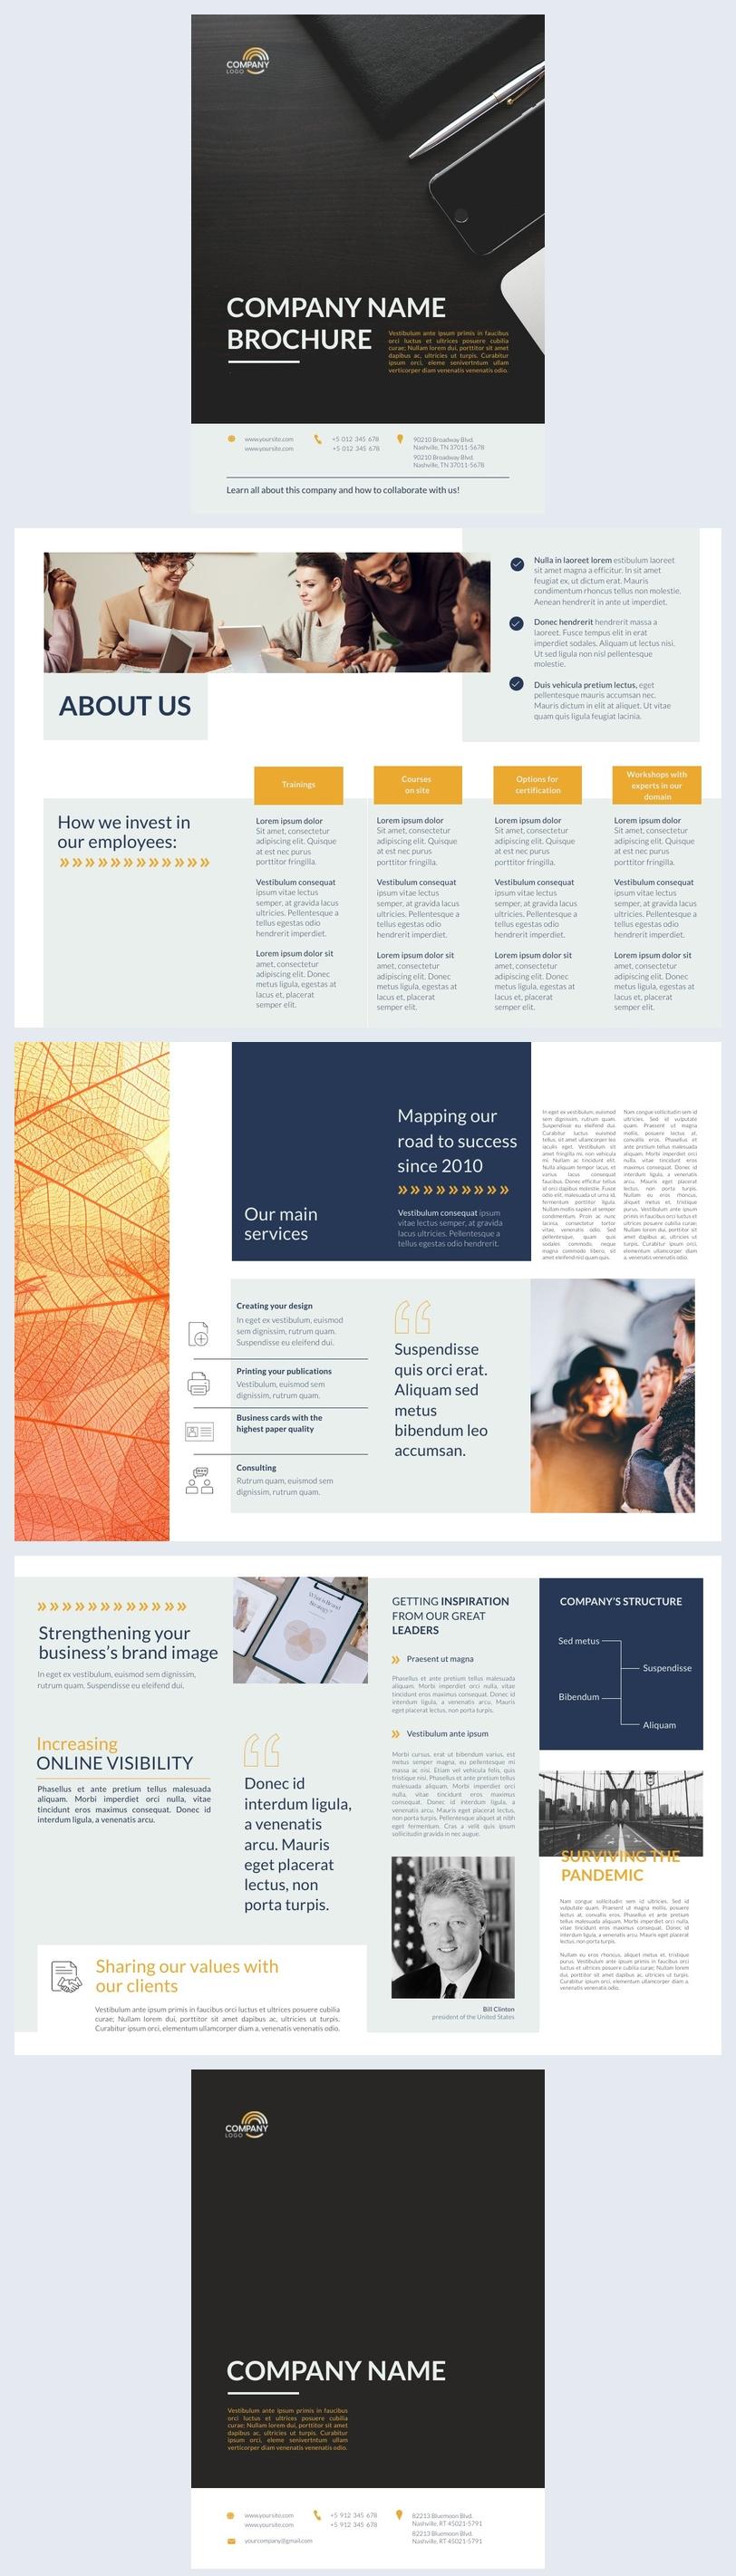 Design et mise en page de la brochure de l'entreprise